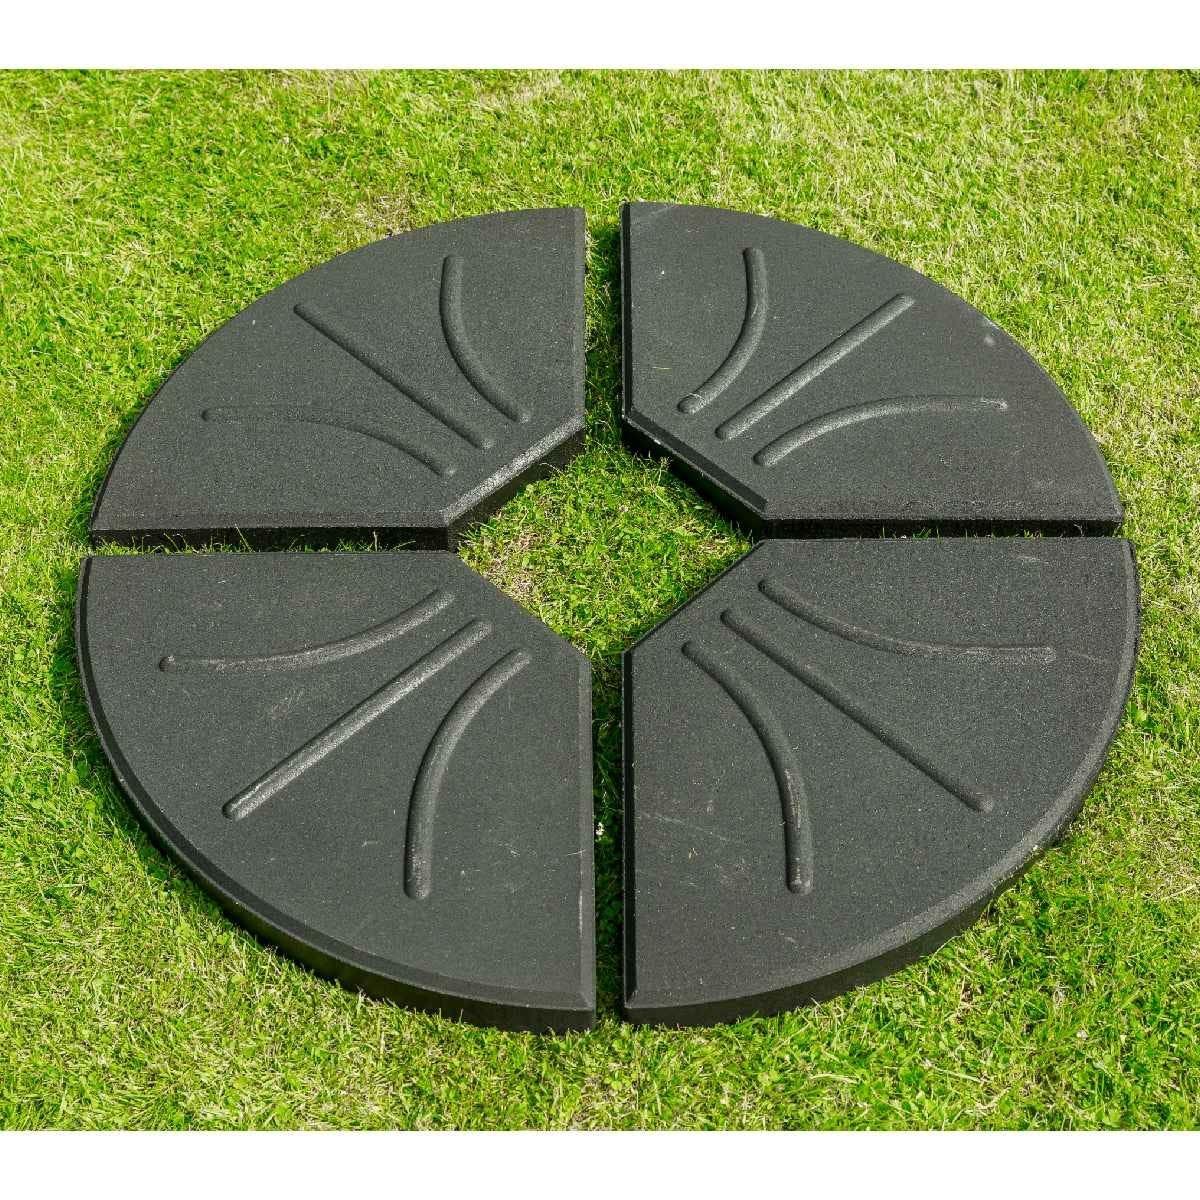 Garden Must Haves 80kg Four Part Parasol Base - Black